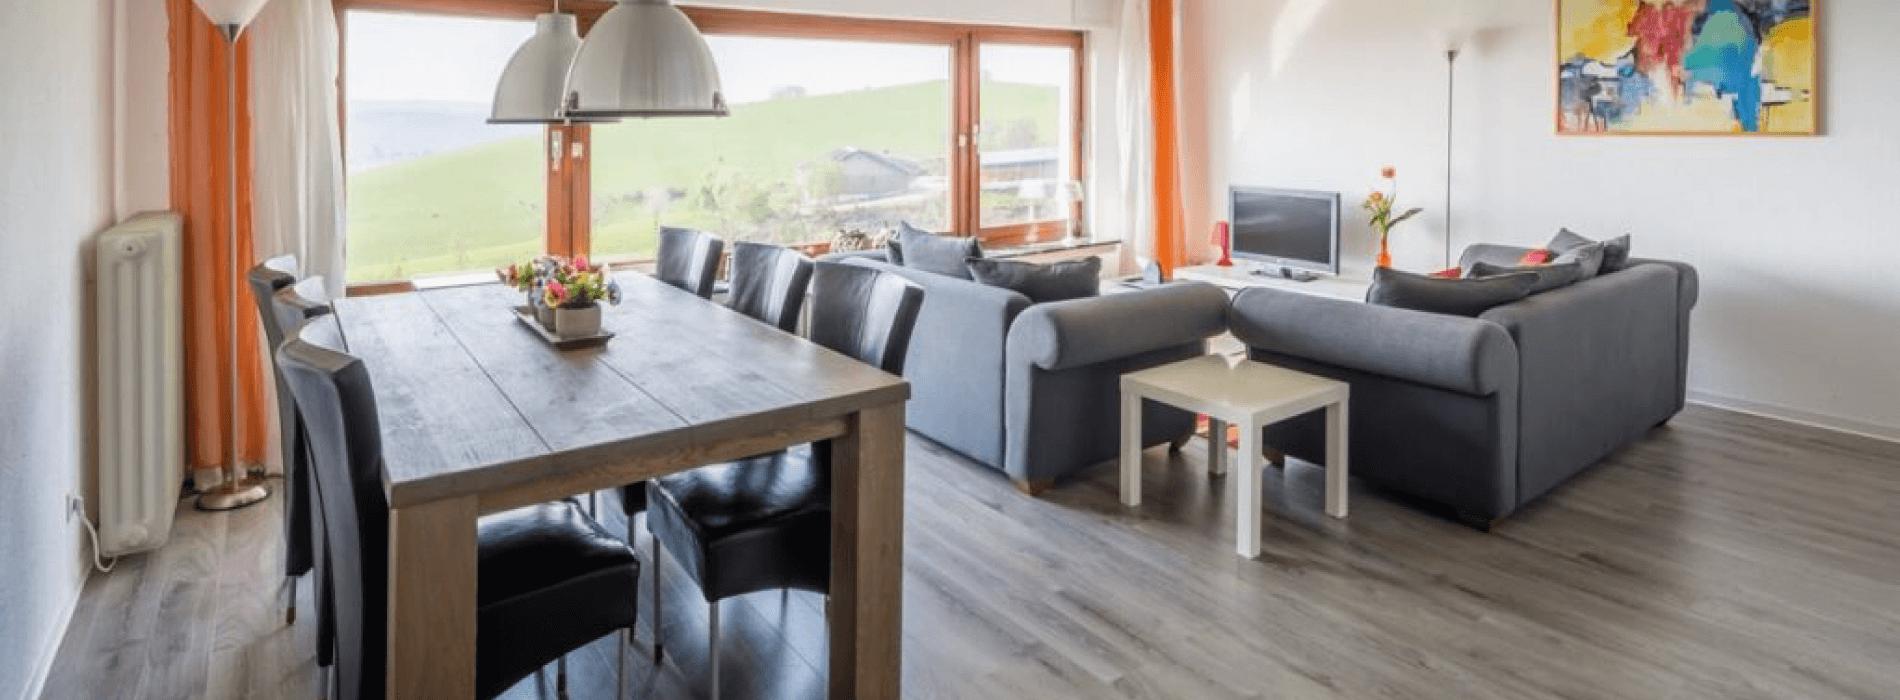 Sauerland-haus-wunderberg-duitsland-mtb-6-persoons-vakantie-appartement-medebach-willingen-winterberg-2